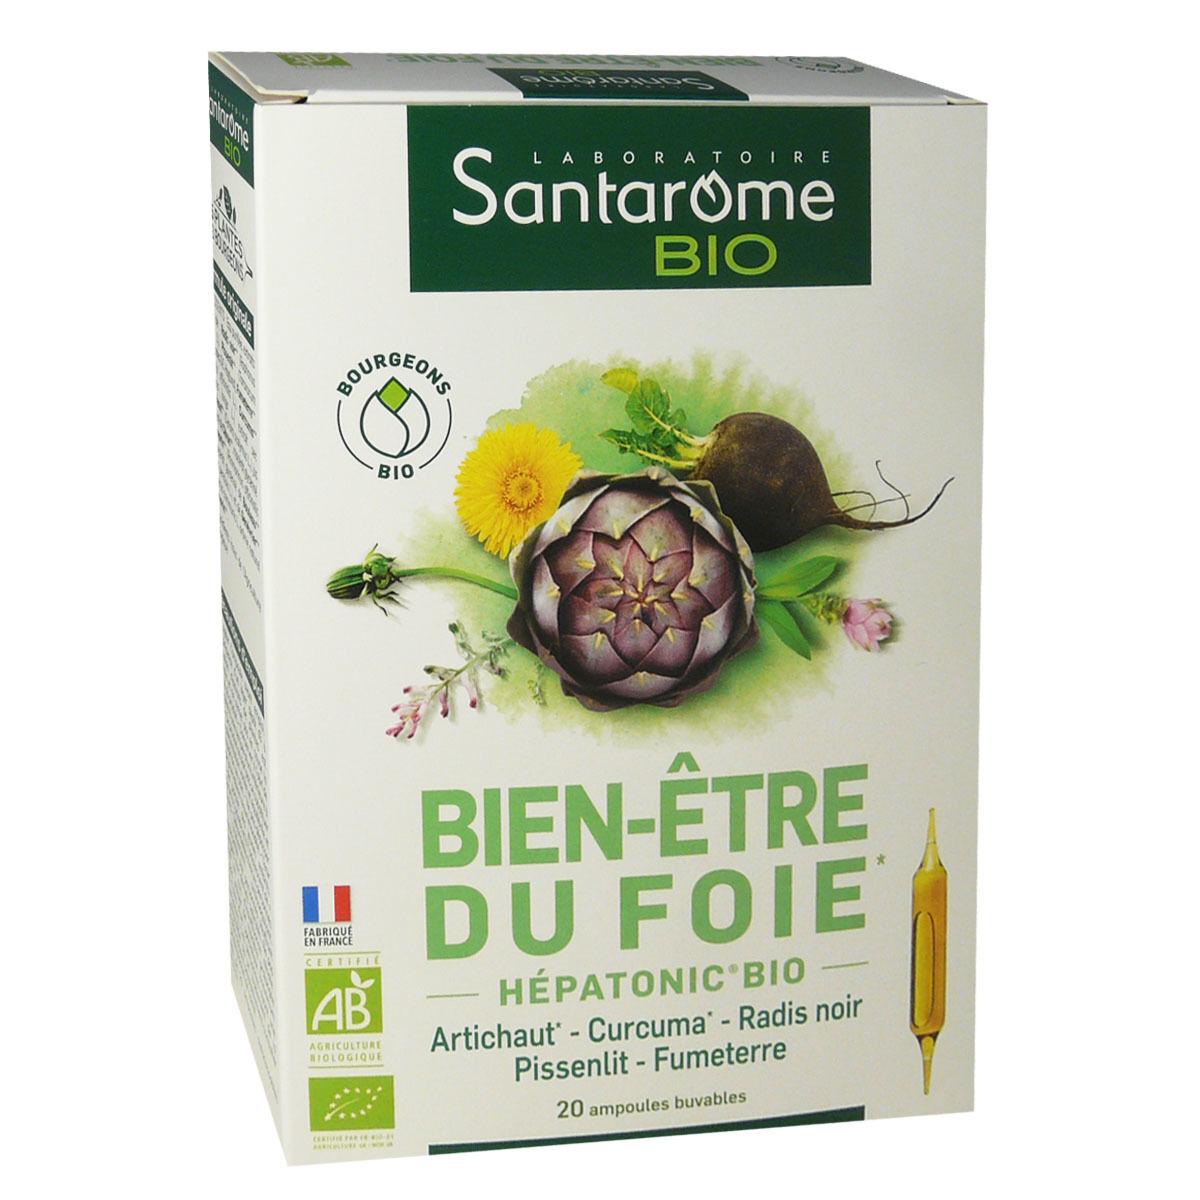 Santarome bio bien-etre du foie  20 ampoules 10 ml